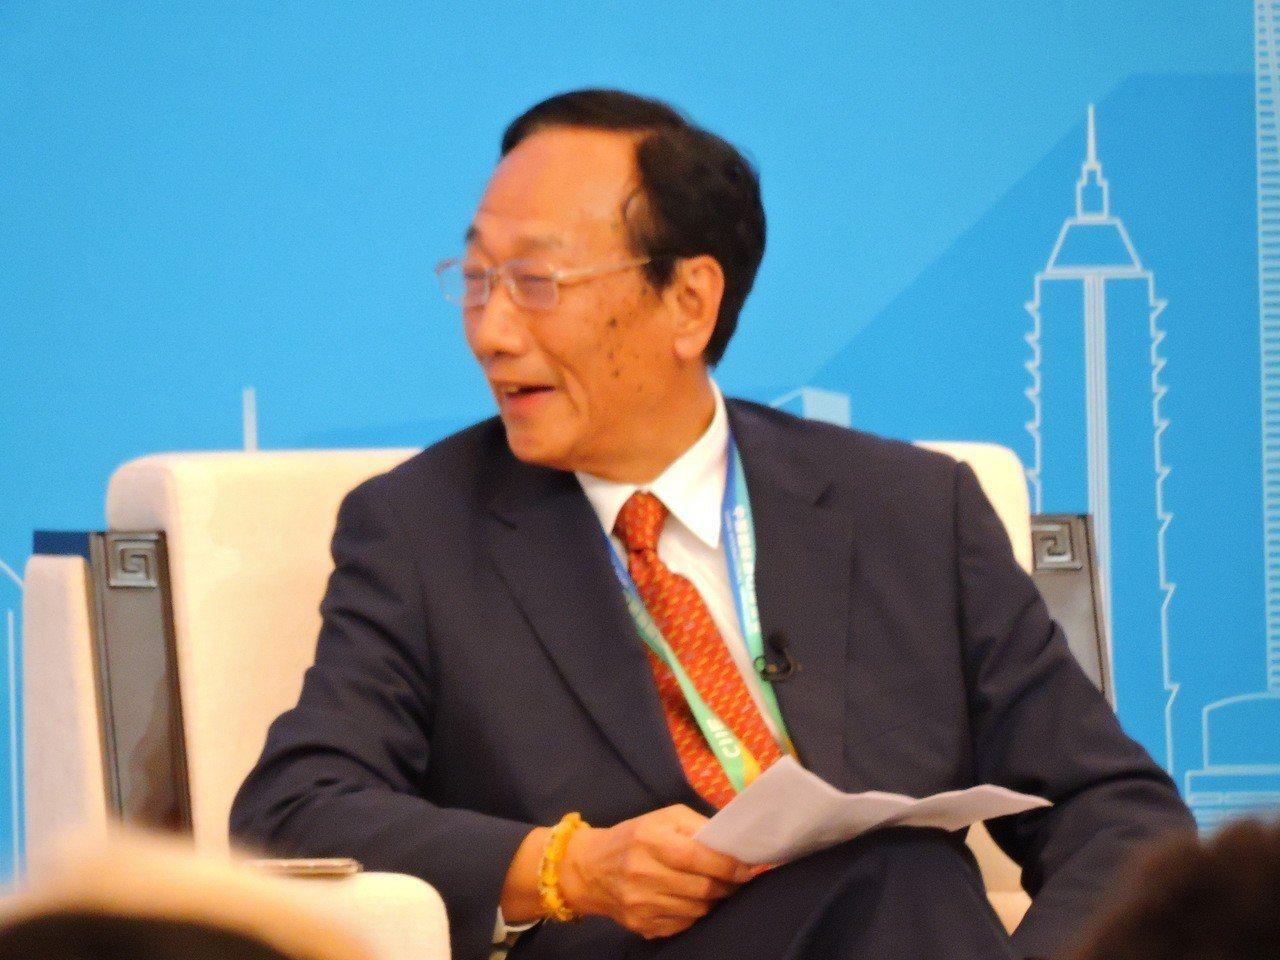 美中貿易爭端持續延燒,鴻海董事長郭台銘5日表示,未來幾年在中國市場還將擴大出口,...